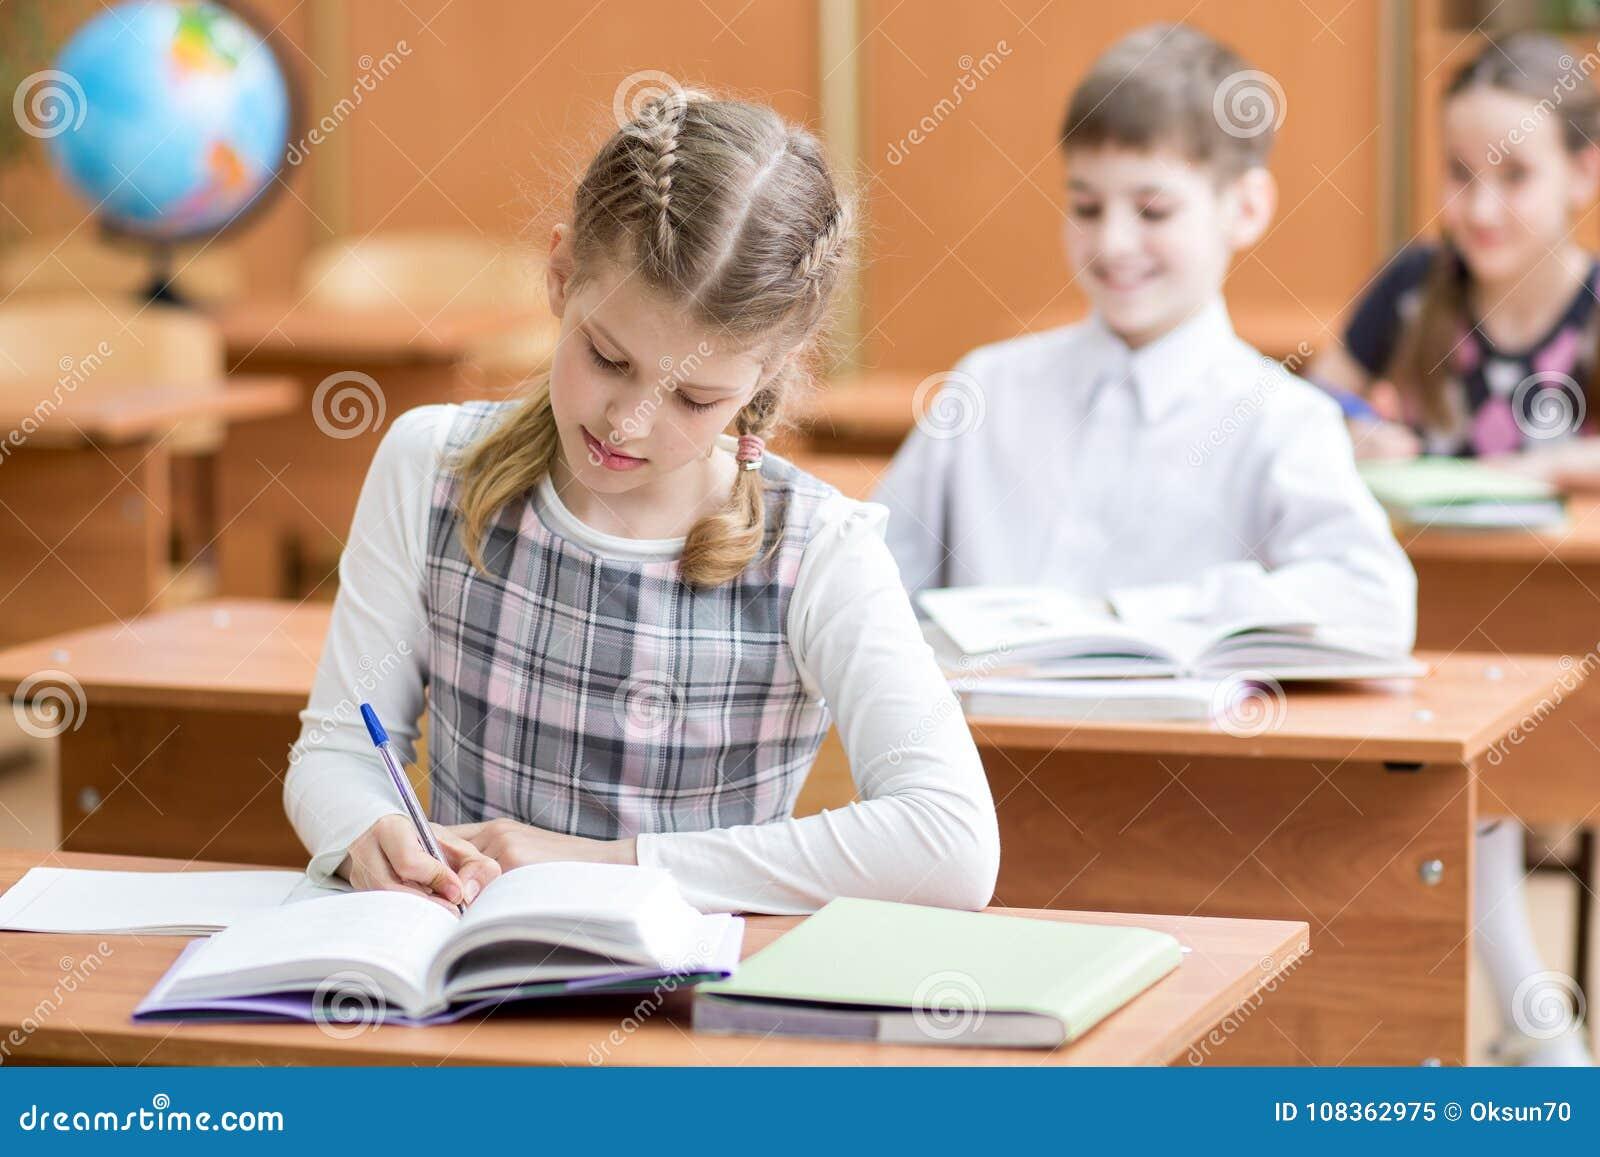 Utbildning, skola, lära och barnbegrepp - grupp av skolaungar med pennor och läroböcker som skriver provet i klassrum